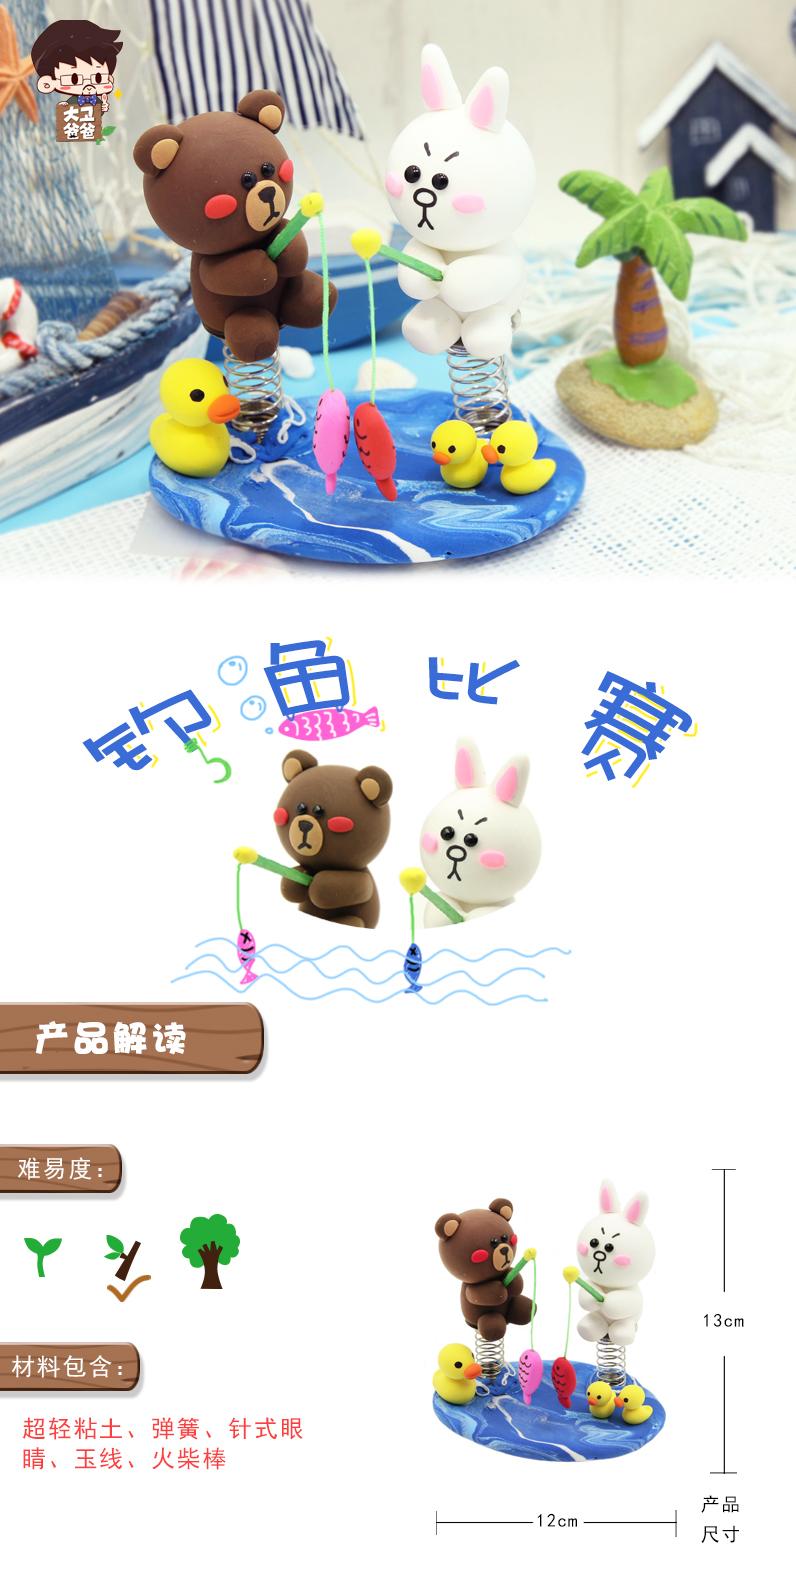 超轻粘土钓鱼比赛摇摇乐车摆儿童手工diy制作材料包橡皮泥幼儿园